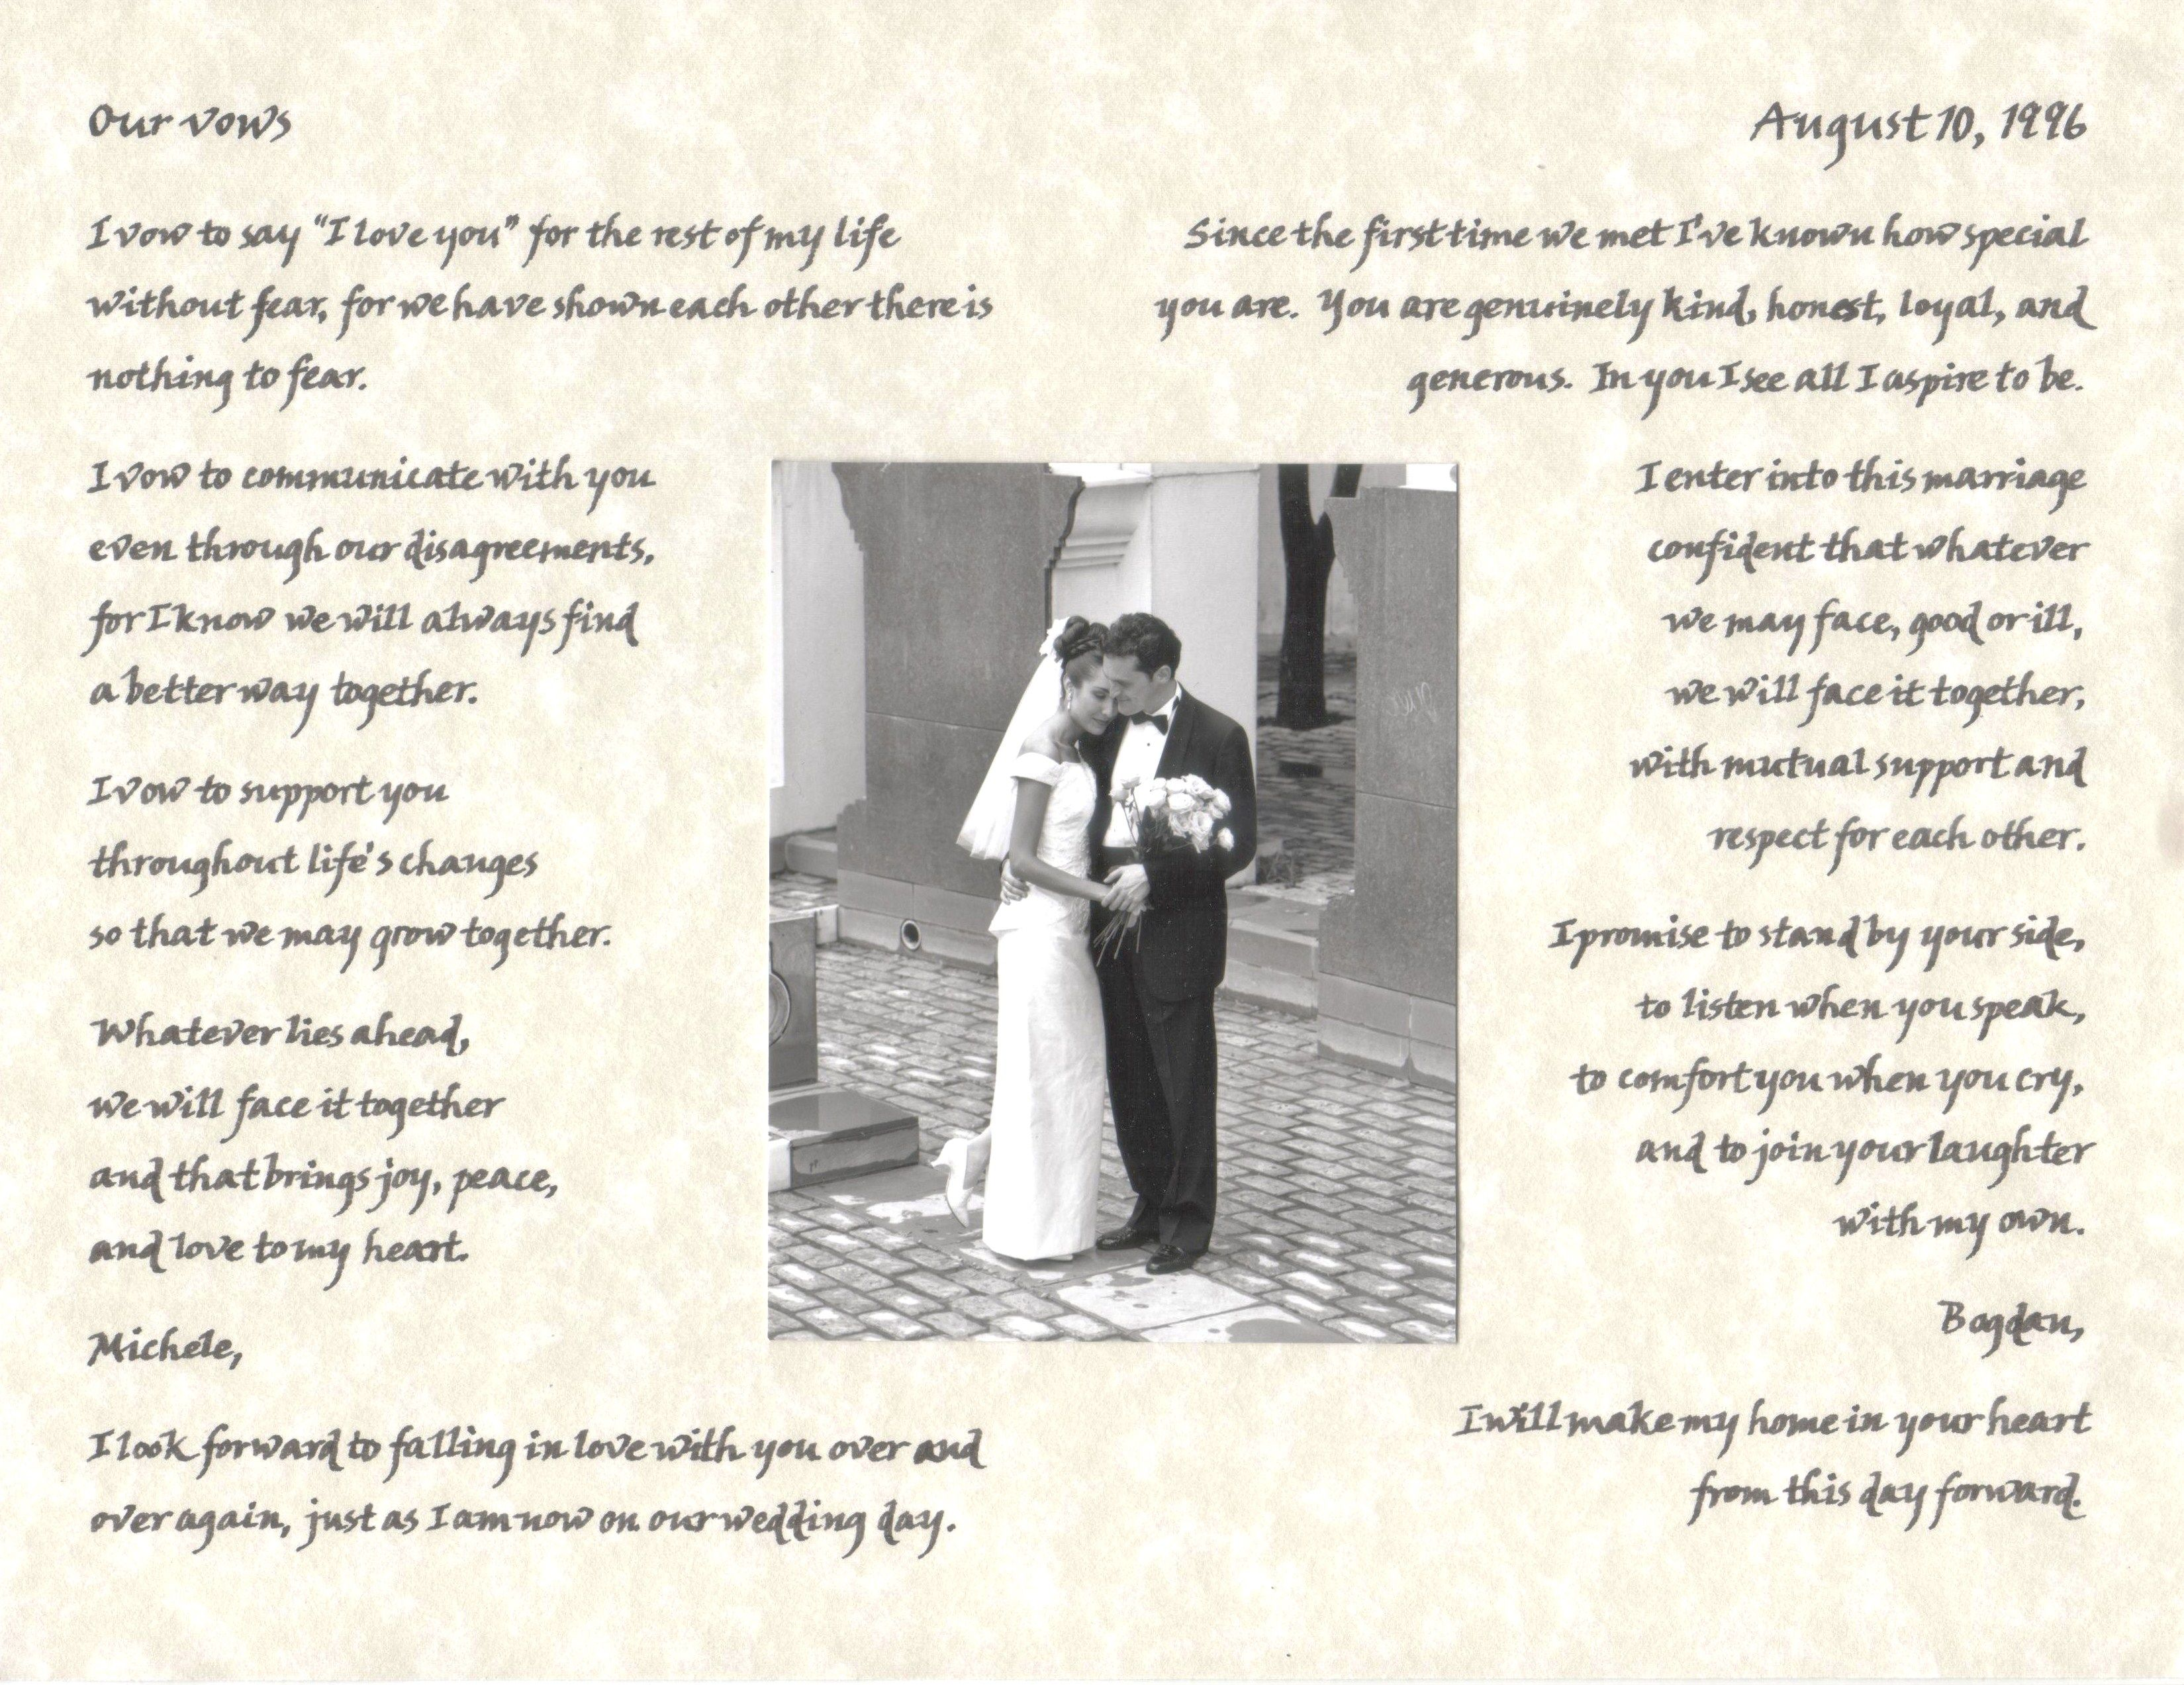 E. Wedding Readings Corinthians 13:4-13 Love Is Patient